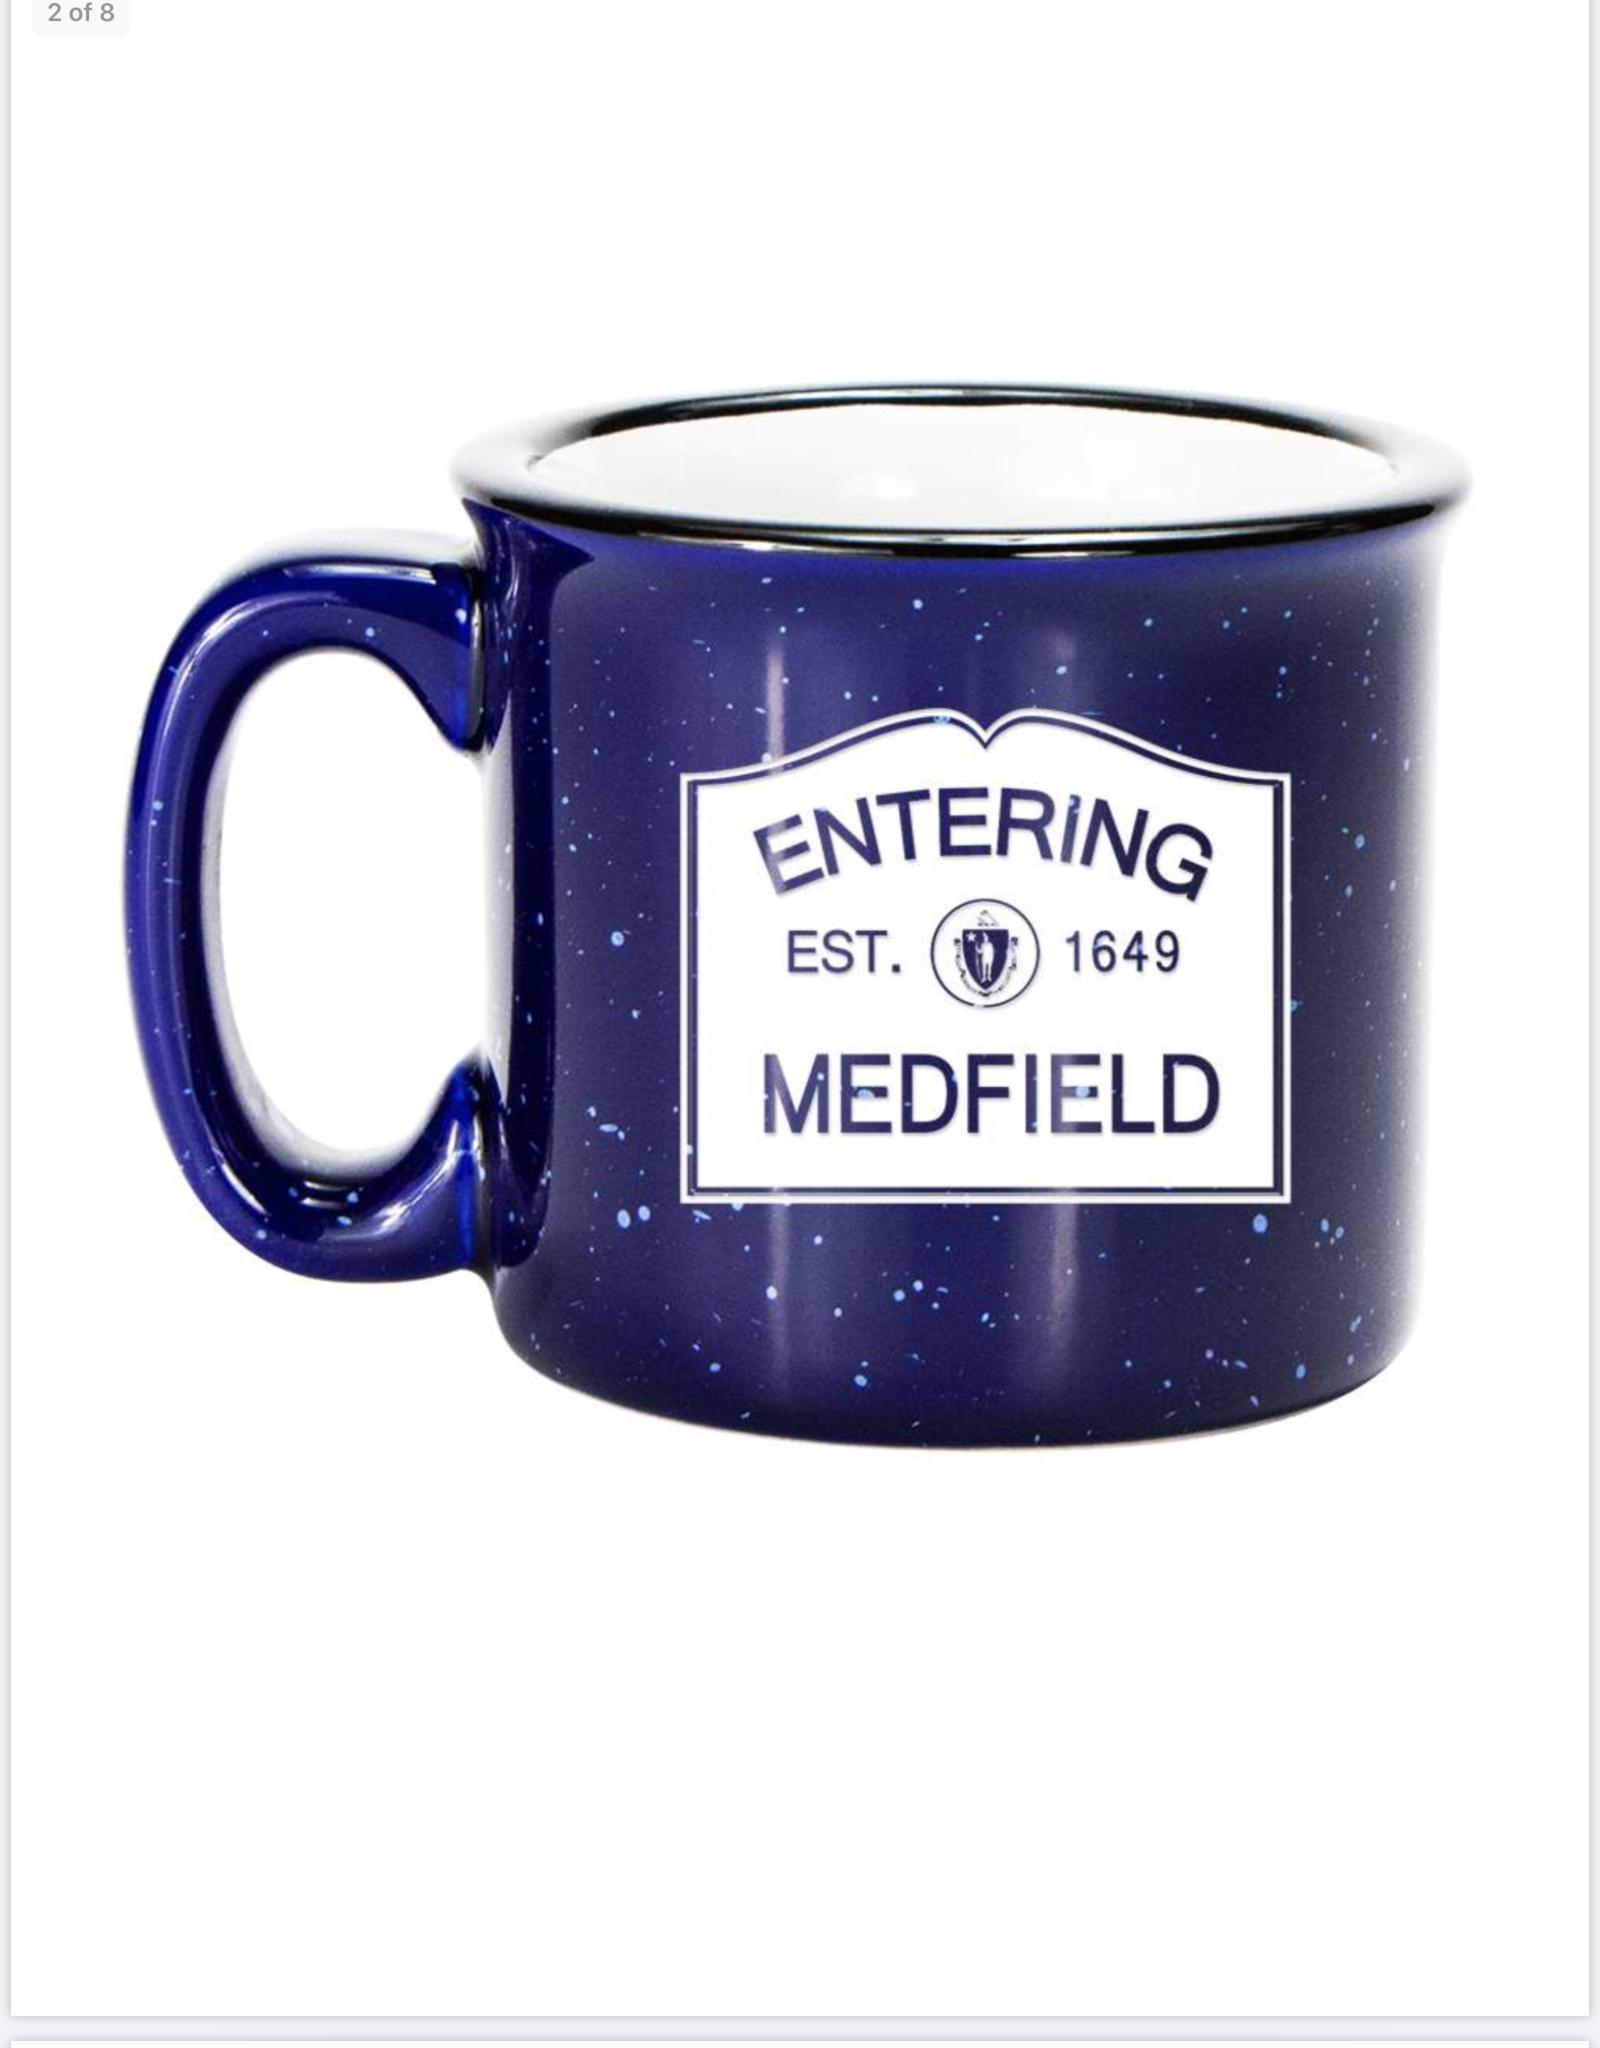 Entering Medfield 1649 Camp Mug - Cobalt